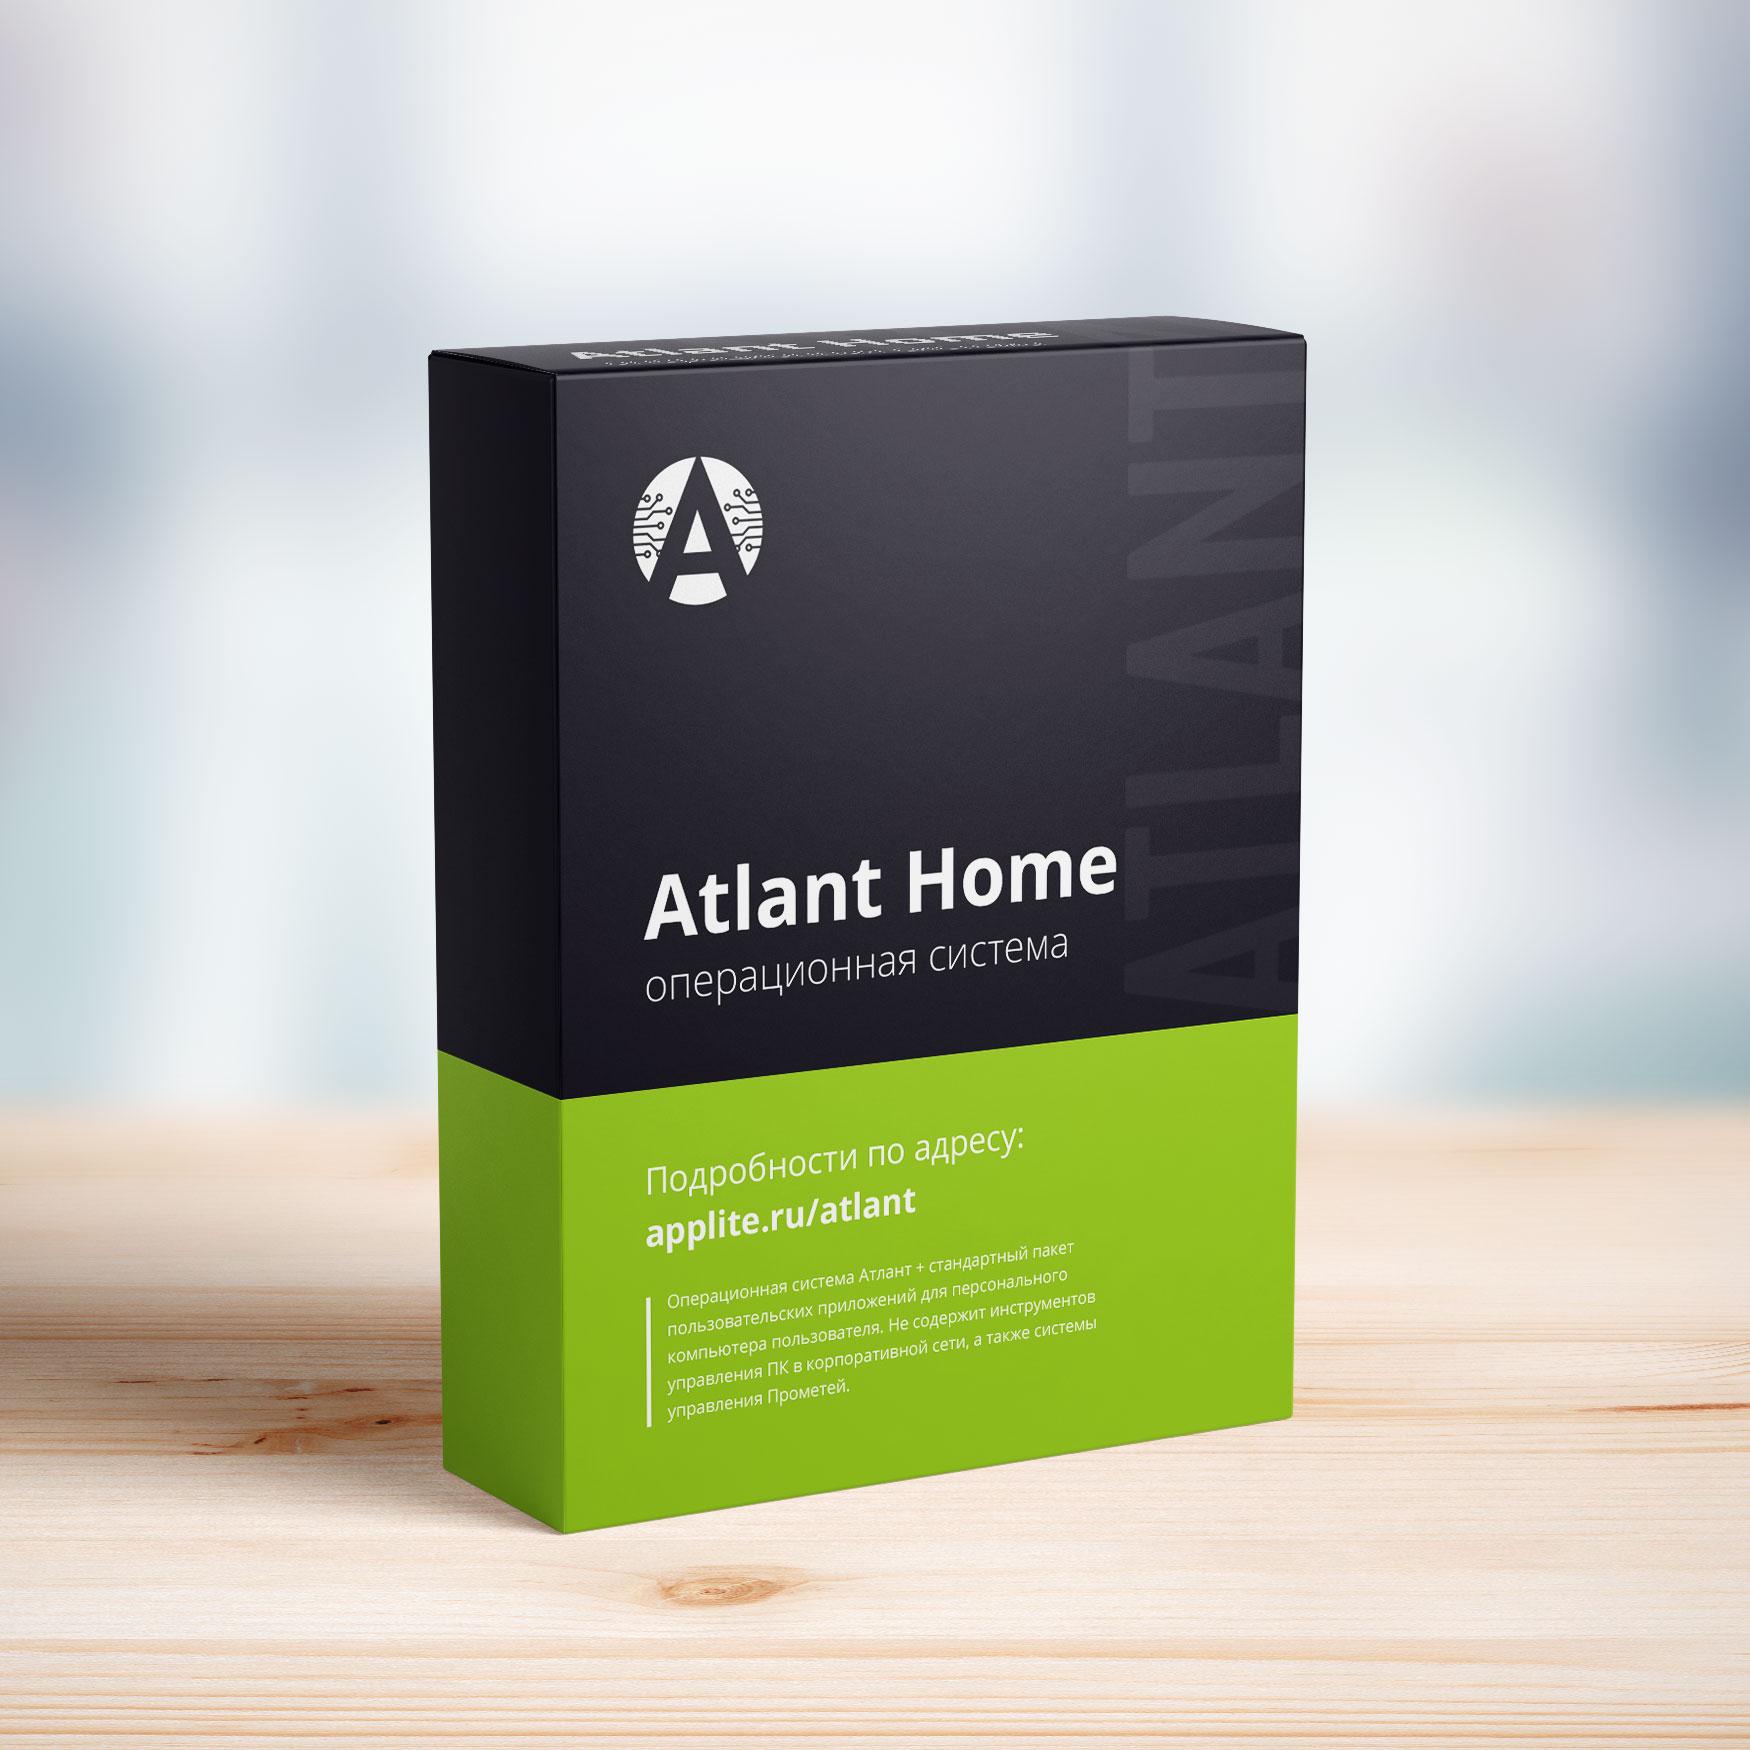 Atlant Home